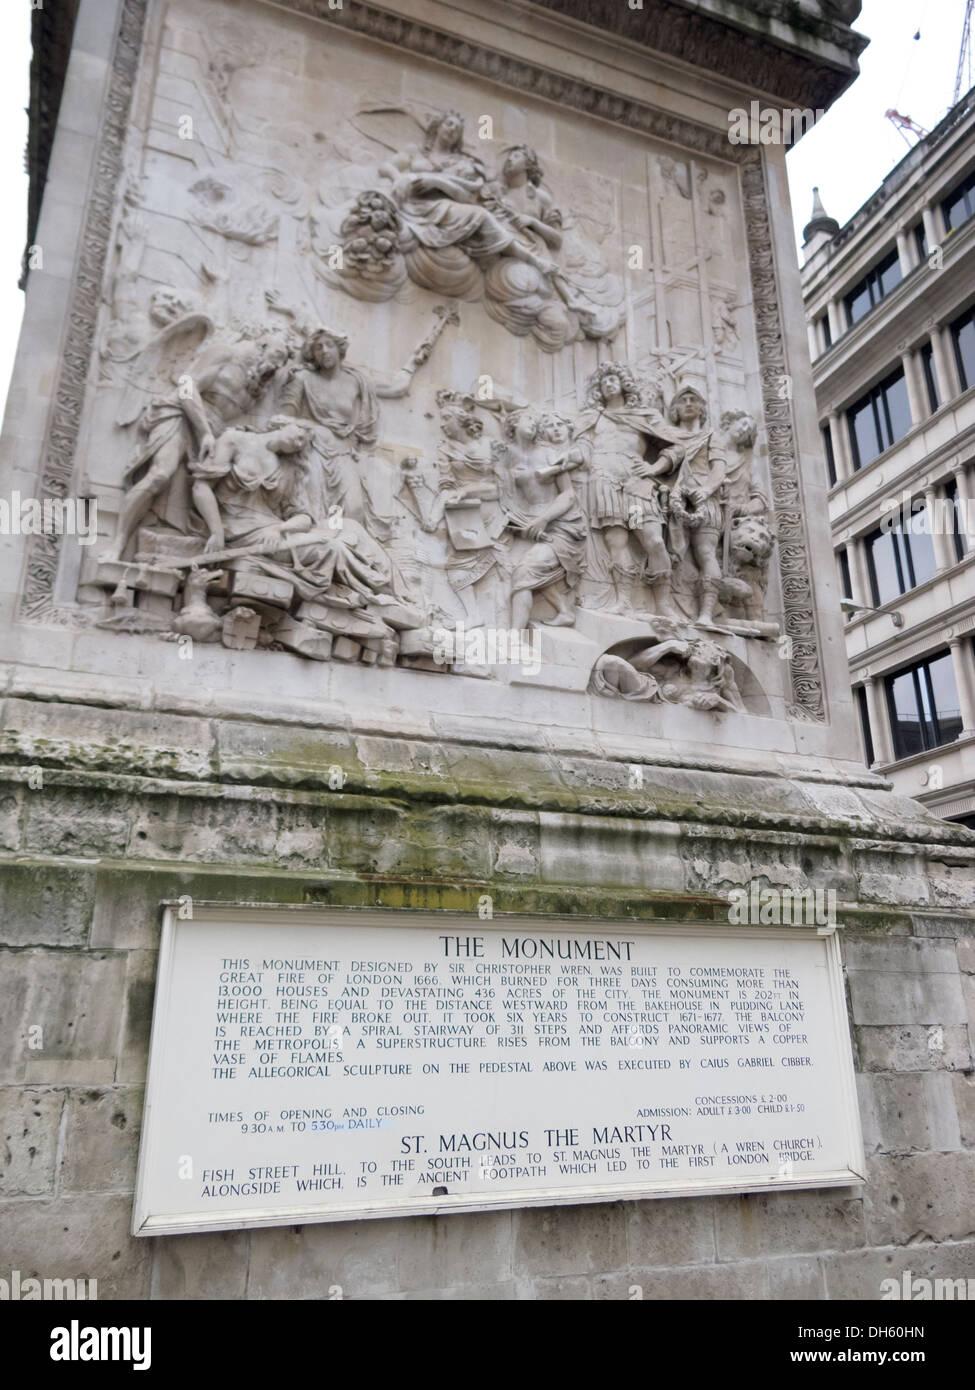 Das Denkmal für den großen Brand von London Denkmal Street und Fish Street Hill London England Stockbild